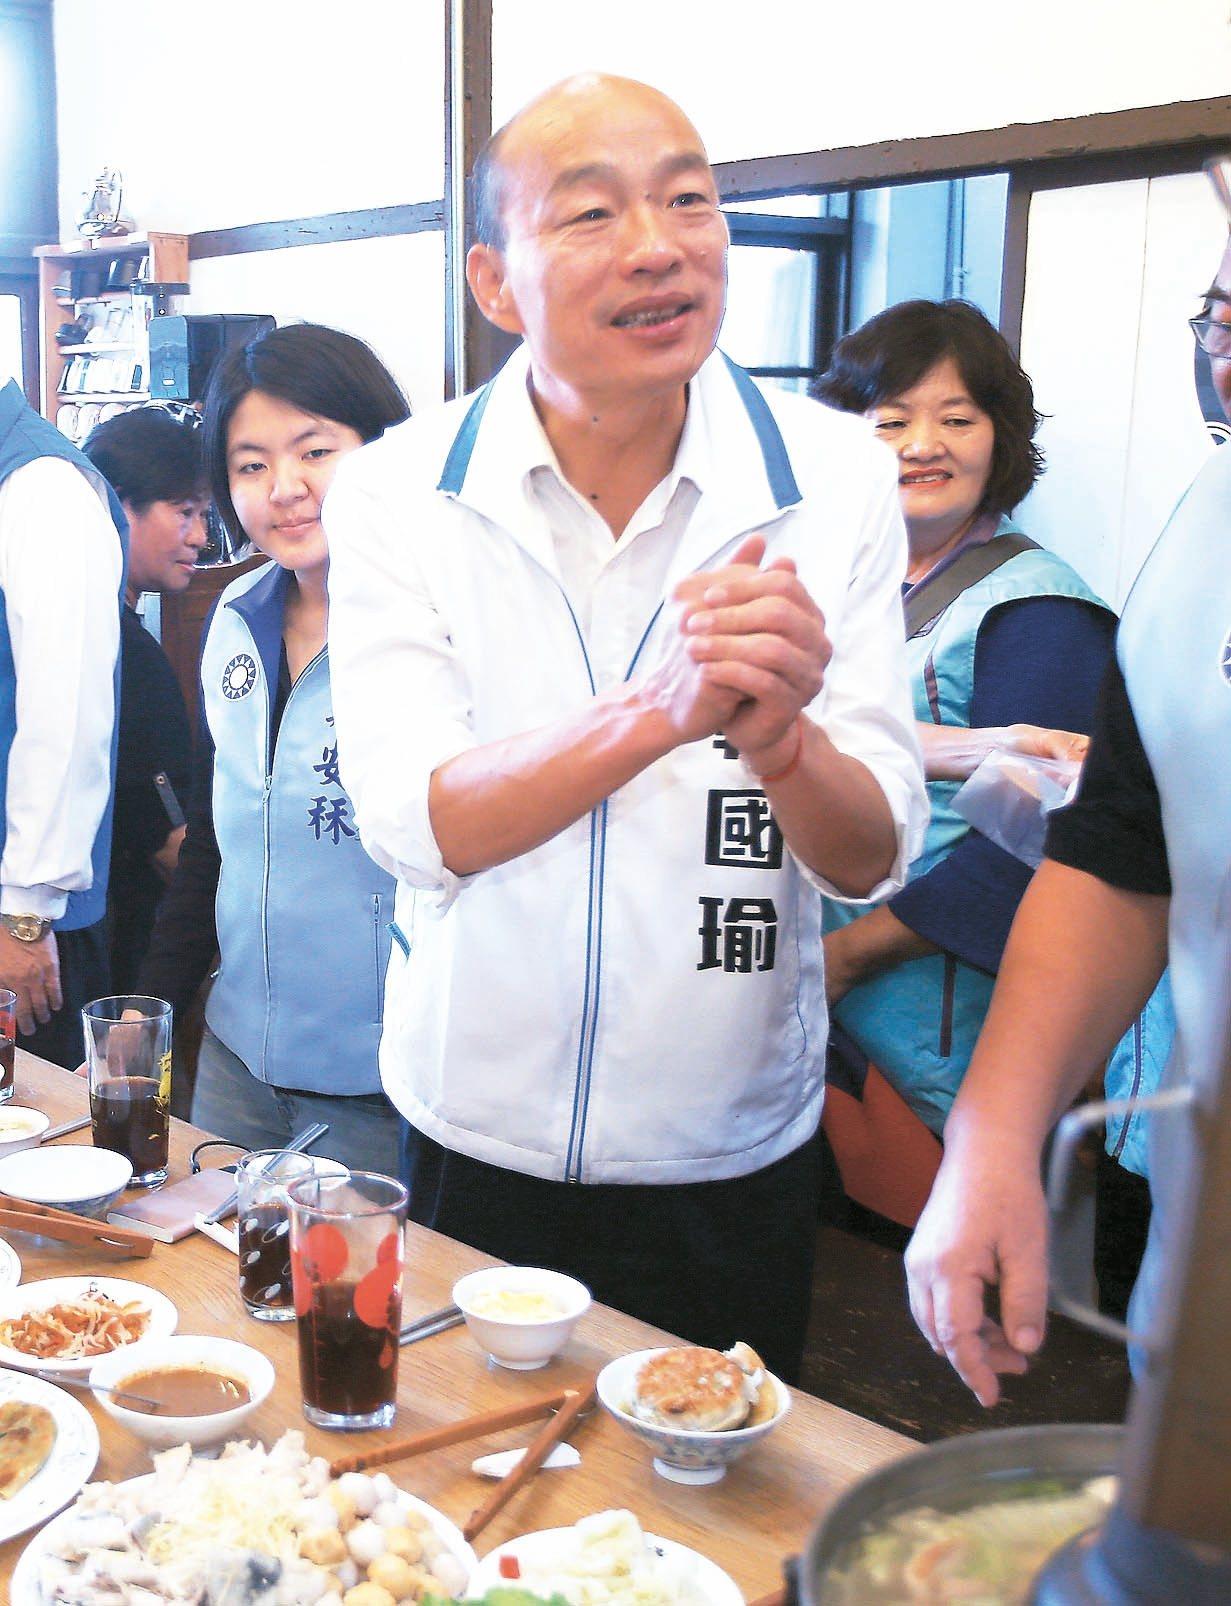 國民黨總統候選人韓國瑜昨天回防高雄固票。 記者劉學聖/攝影